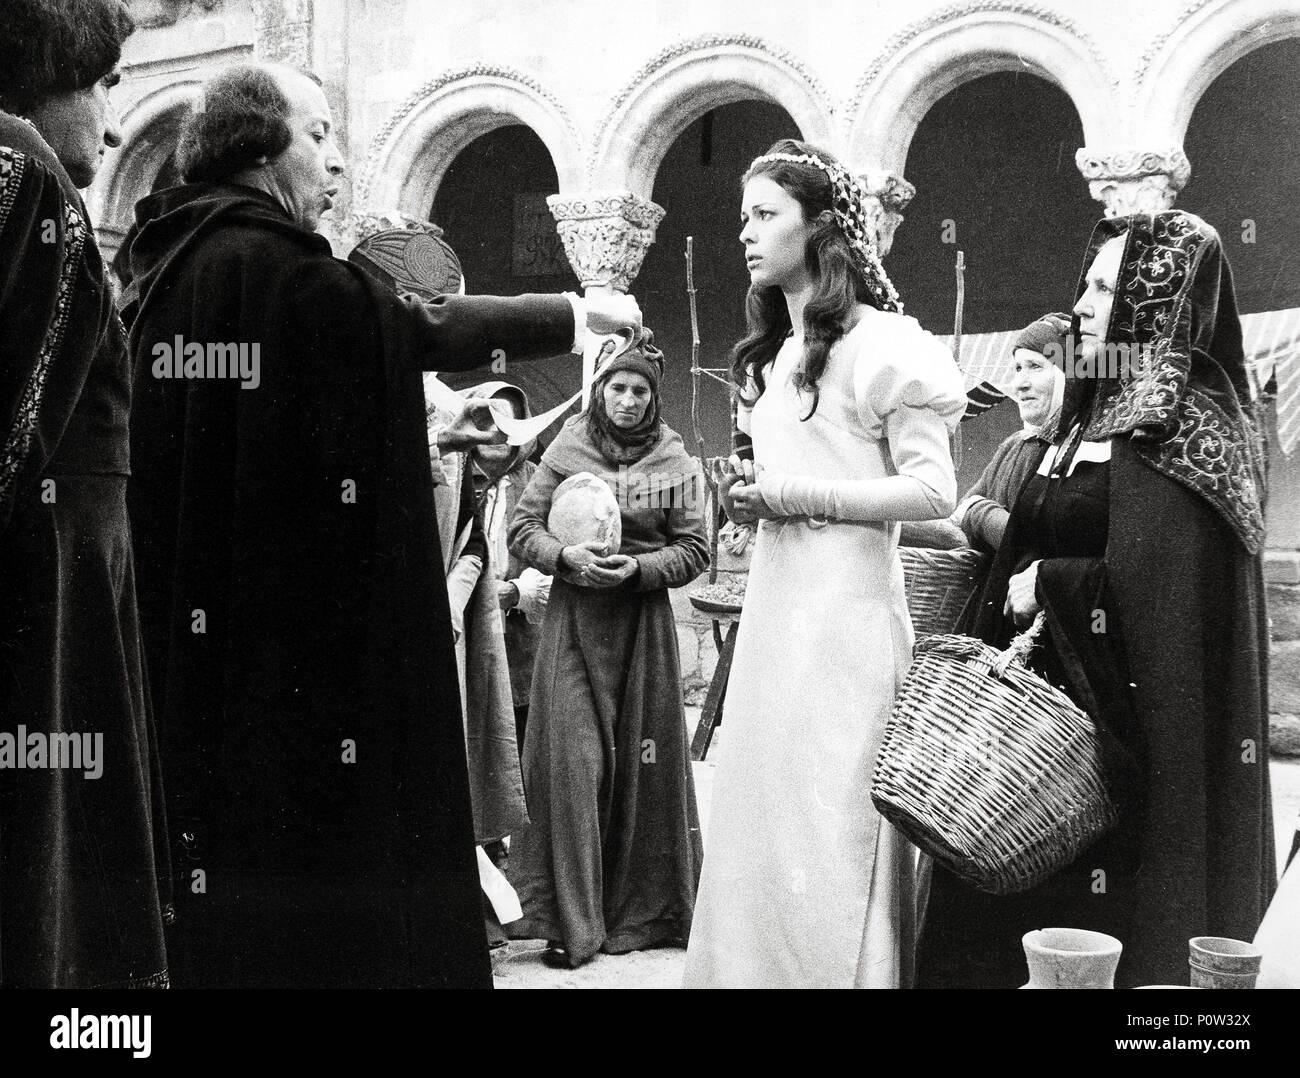 Pellicola originale titolo: EL LIBRO DEL BUEN AMOR II. Titolo inglese: Libro di Buon Amore 2, la. Regista: JAIME BAYARRI. Anno: 1976. Immagini Stock